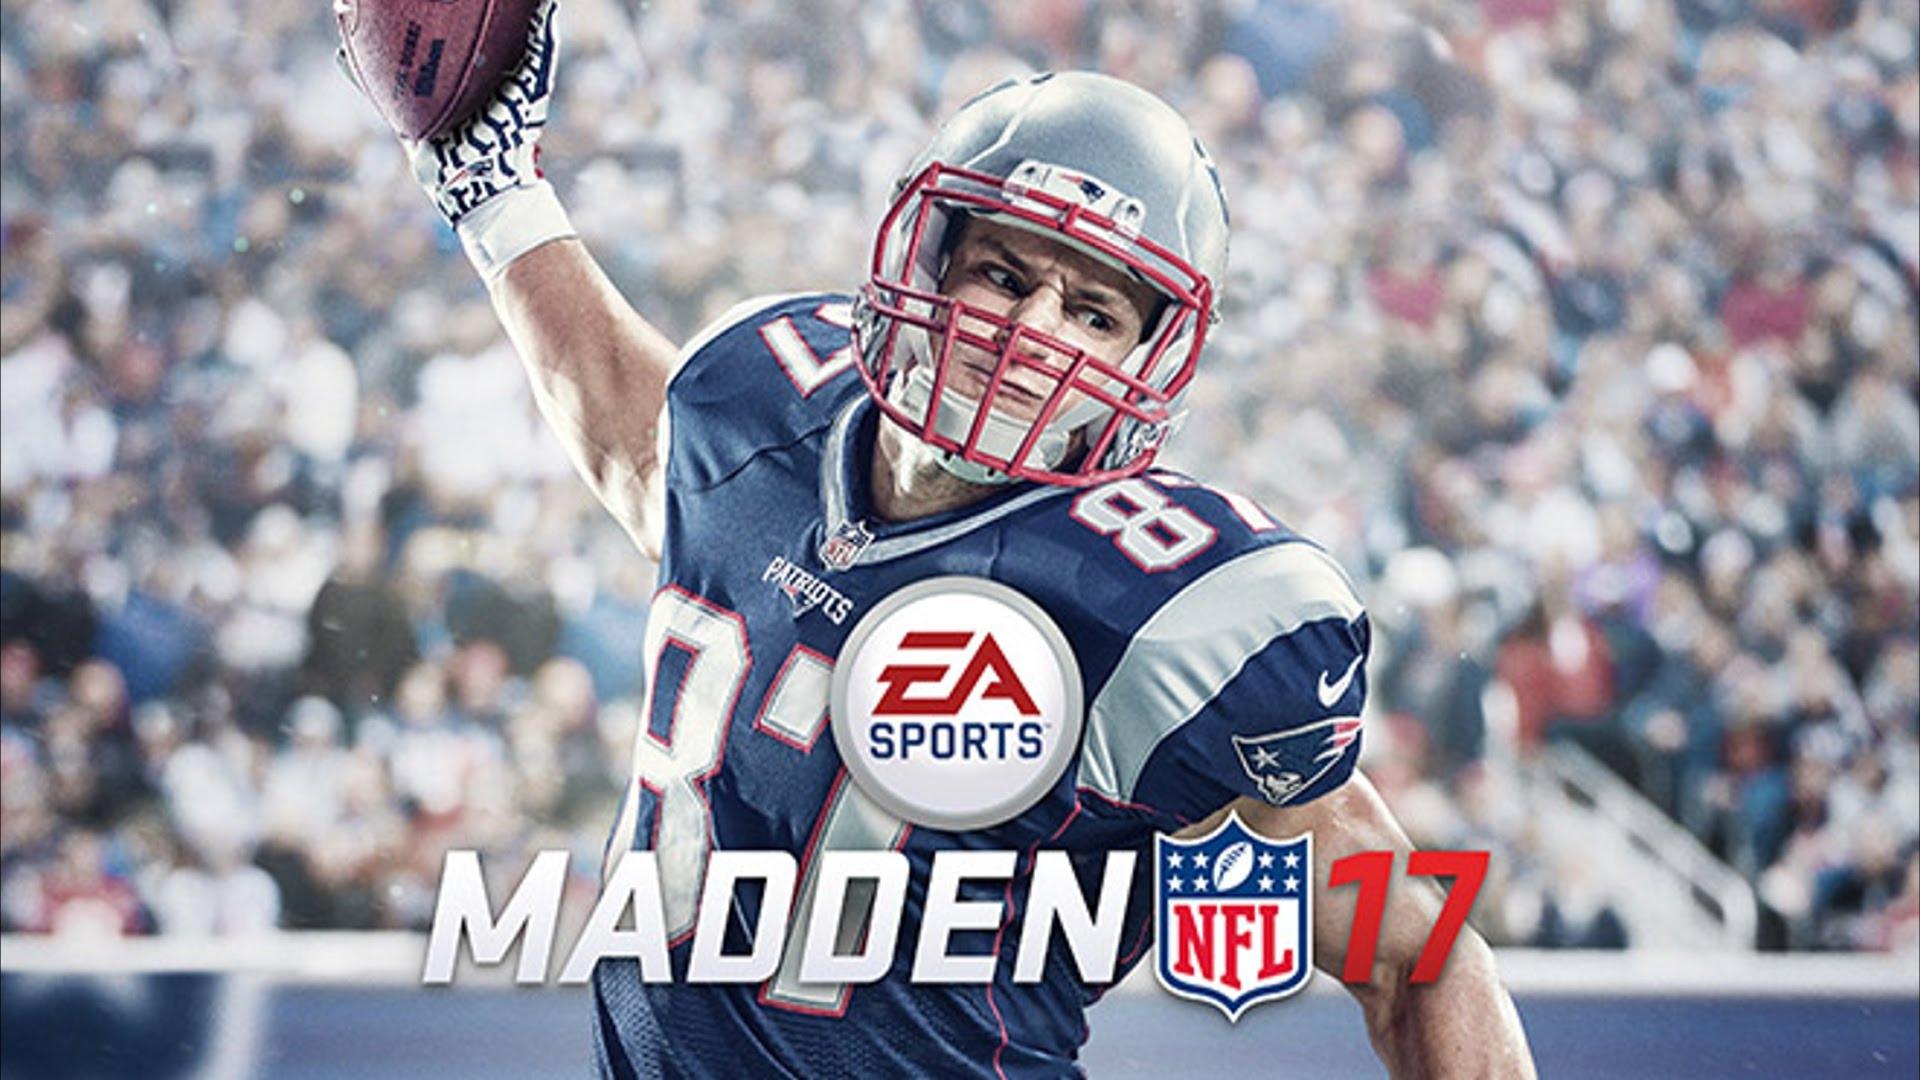 [NFL] Super Bowl LI: Per Madden NFL 17 vinceranno i Patriots